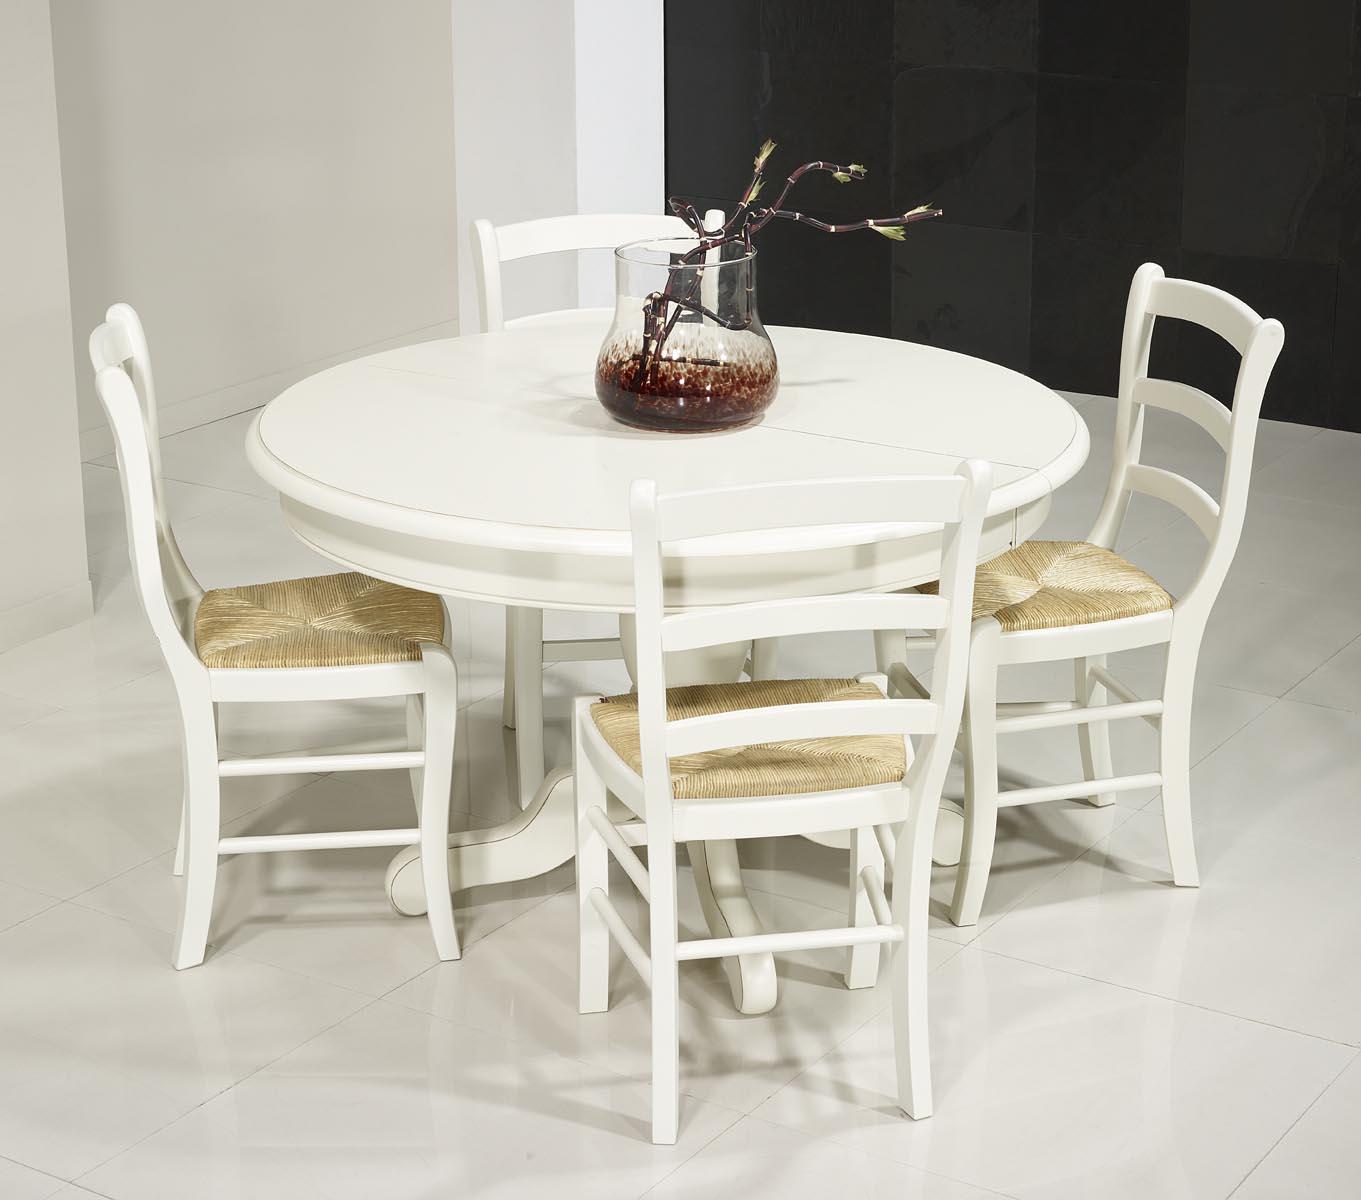 Table ronde pied central en merisier massif de style louis philippe diametre - Pied de table 120 cm ...